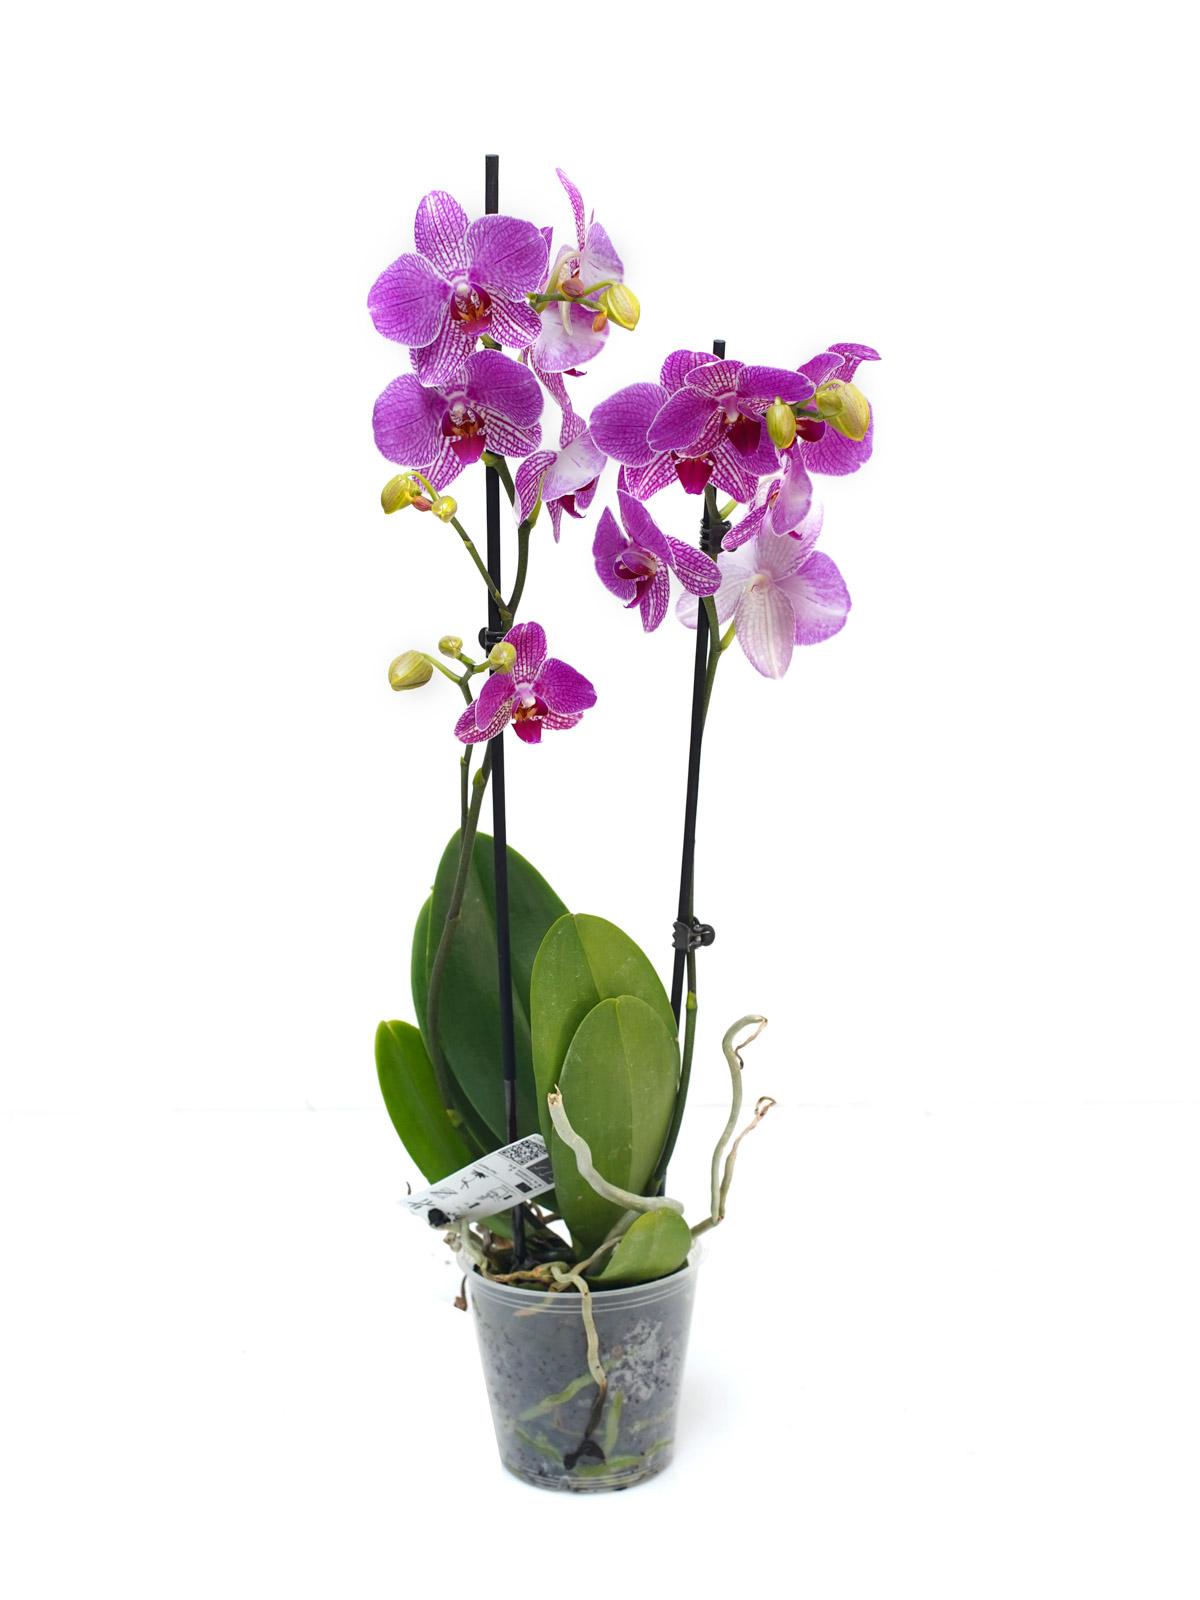 فالاينوبسيس أوركيد (أرجواني) نباتات داخلية